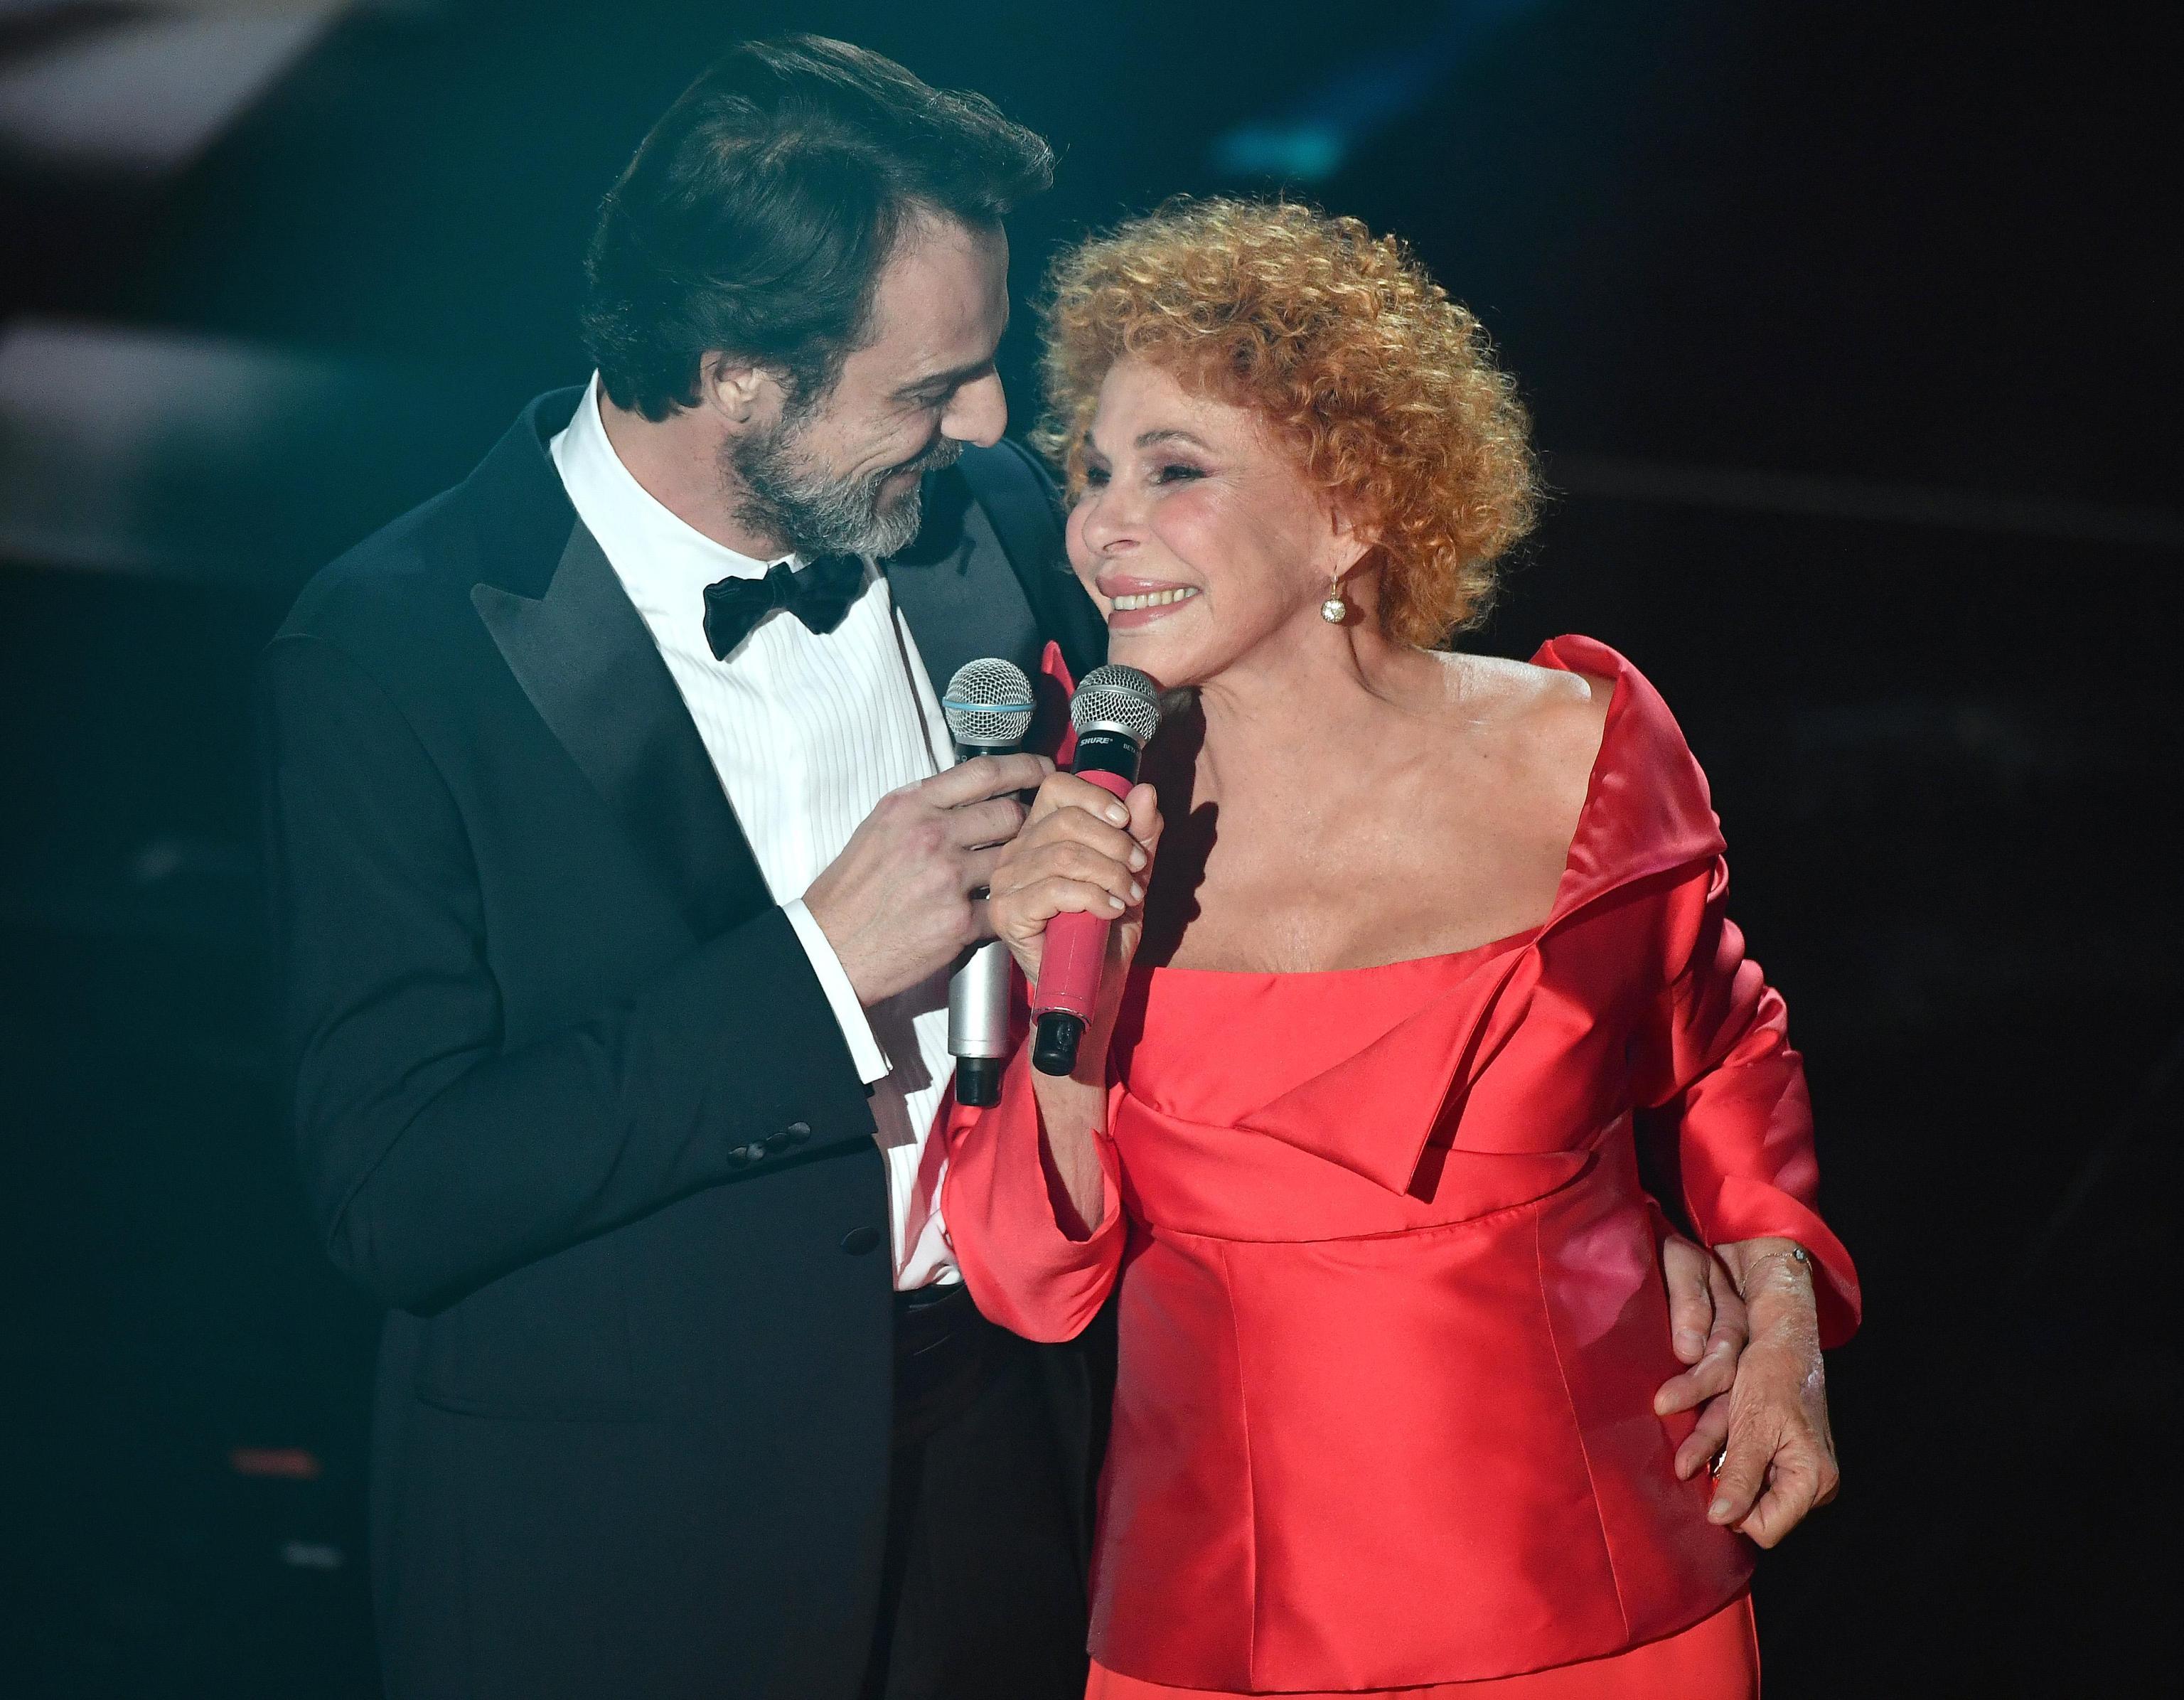 Ornella Vanoni e Alessandro Preziosi a Sanremo 2018